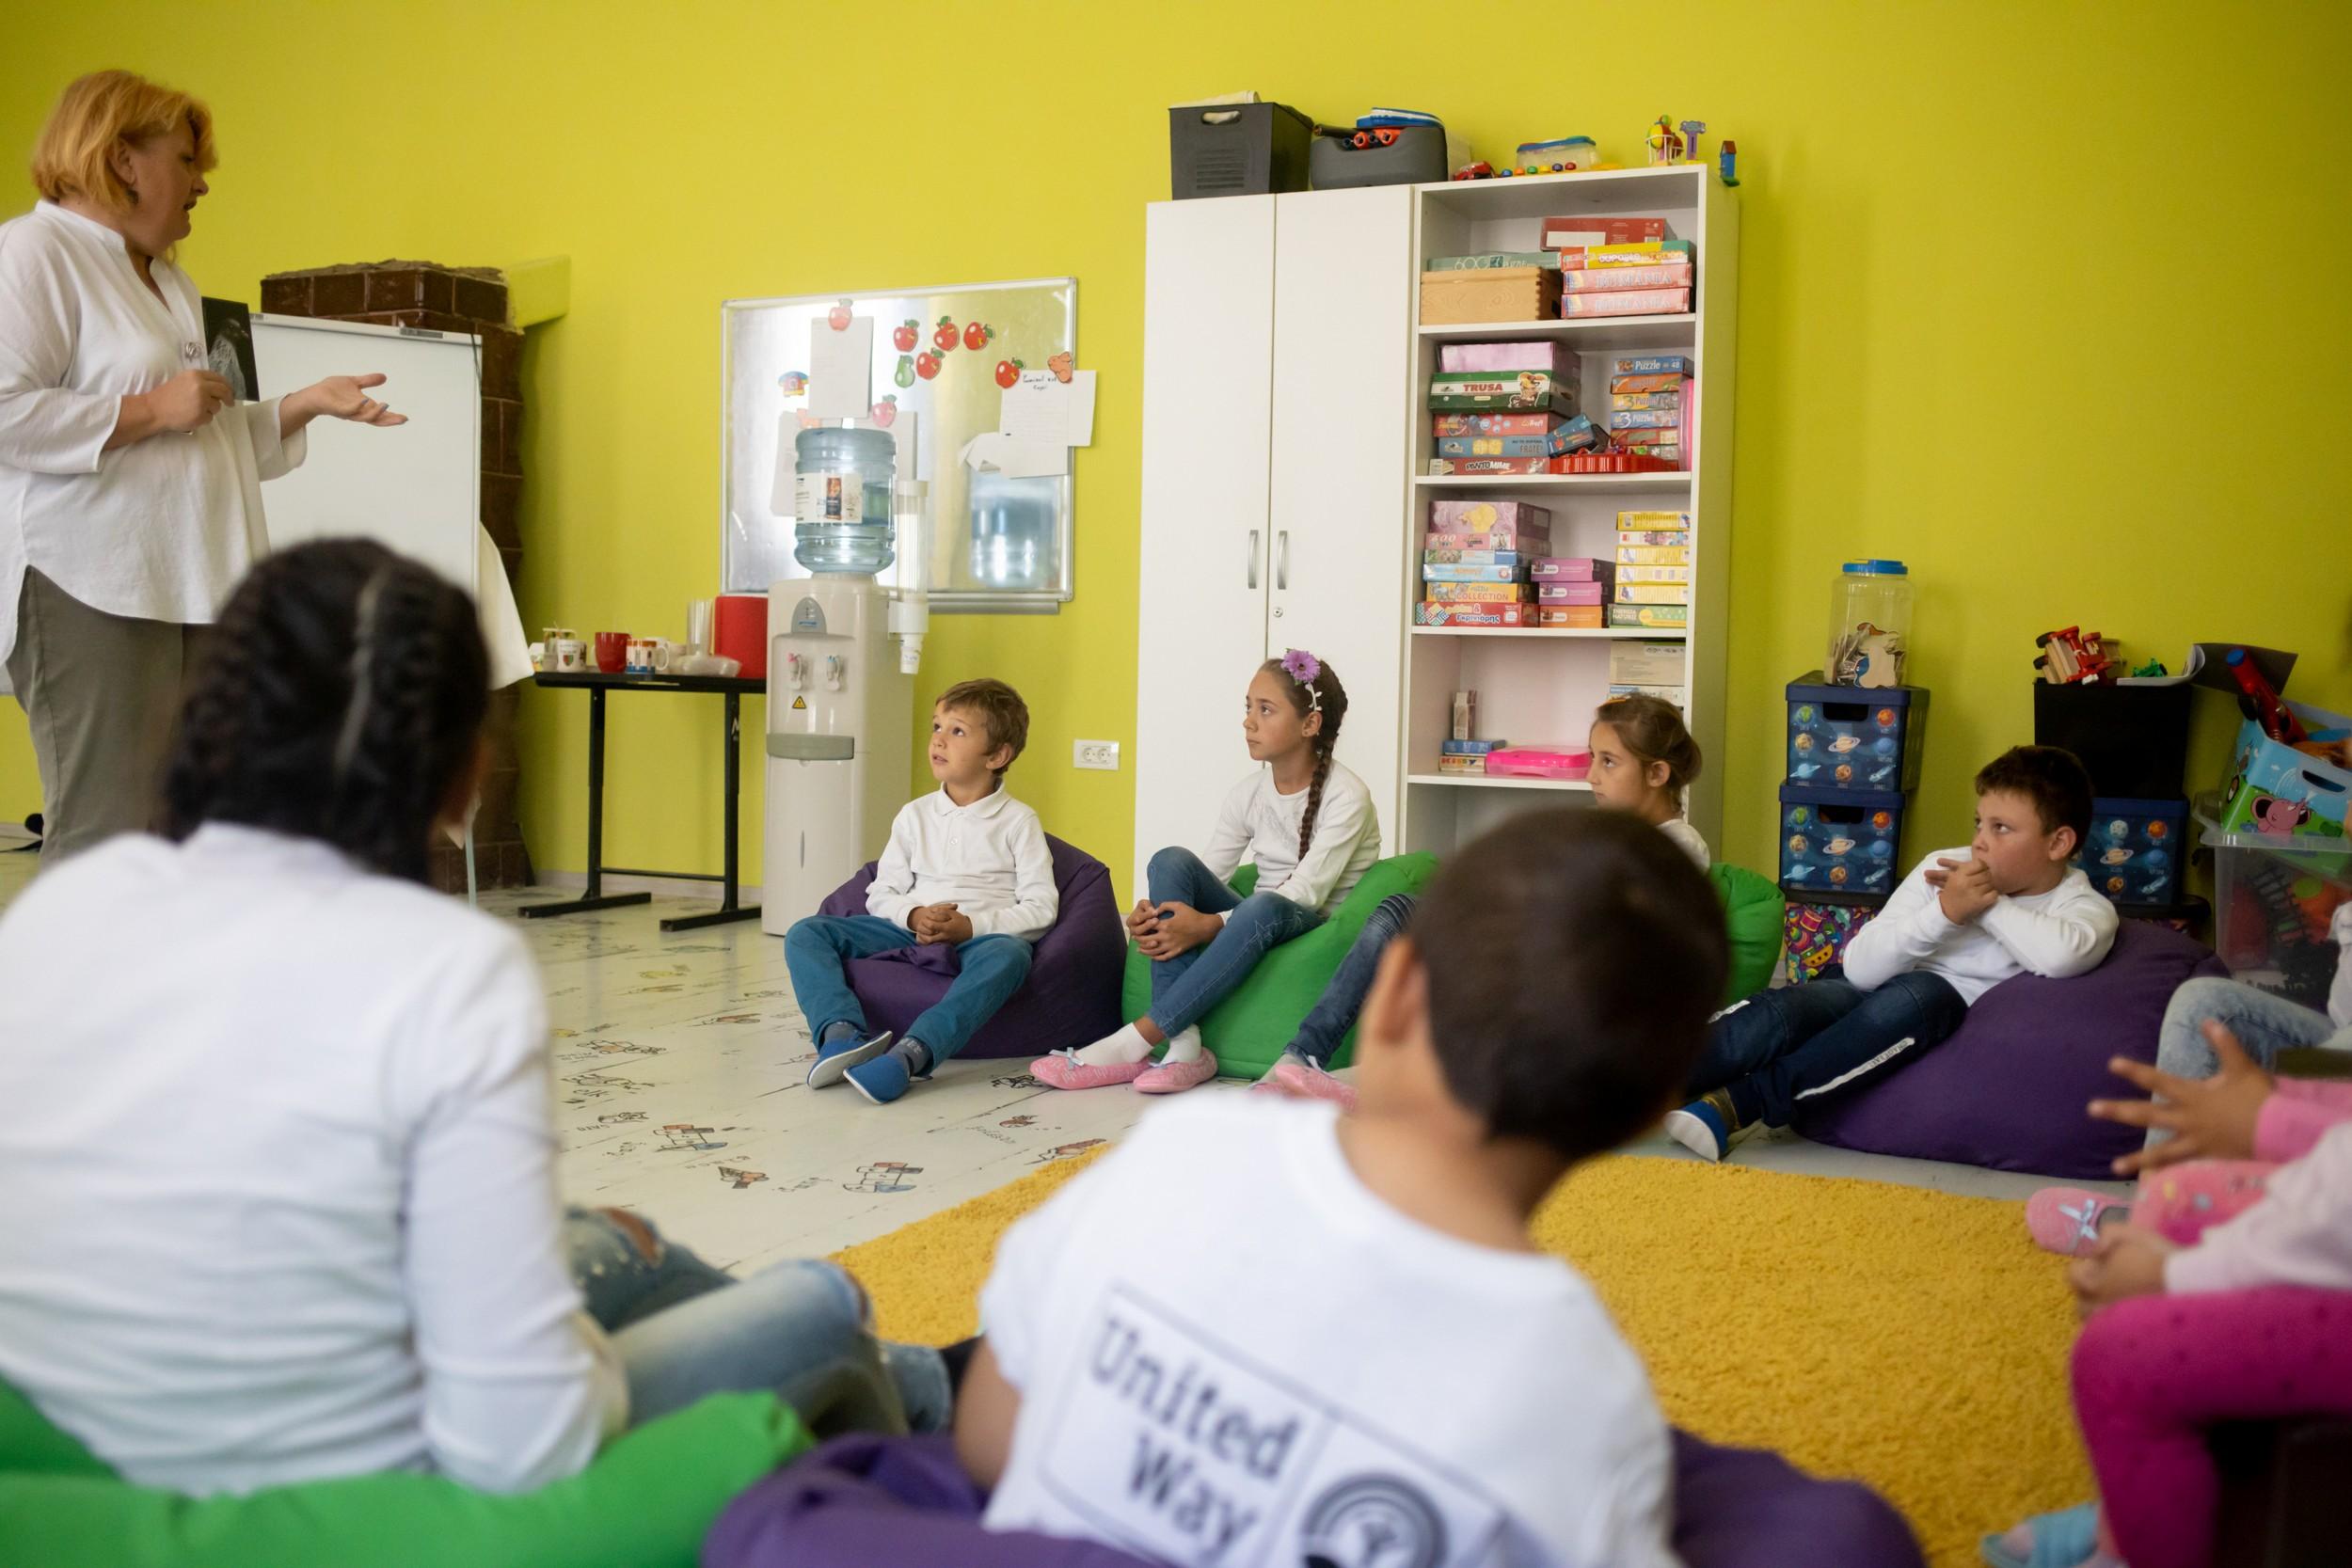 Fundația Globalworth încurajează copiii să meargă la școală prin susținerea programului de educație al United Way România